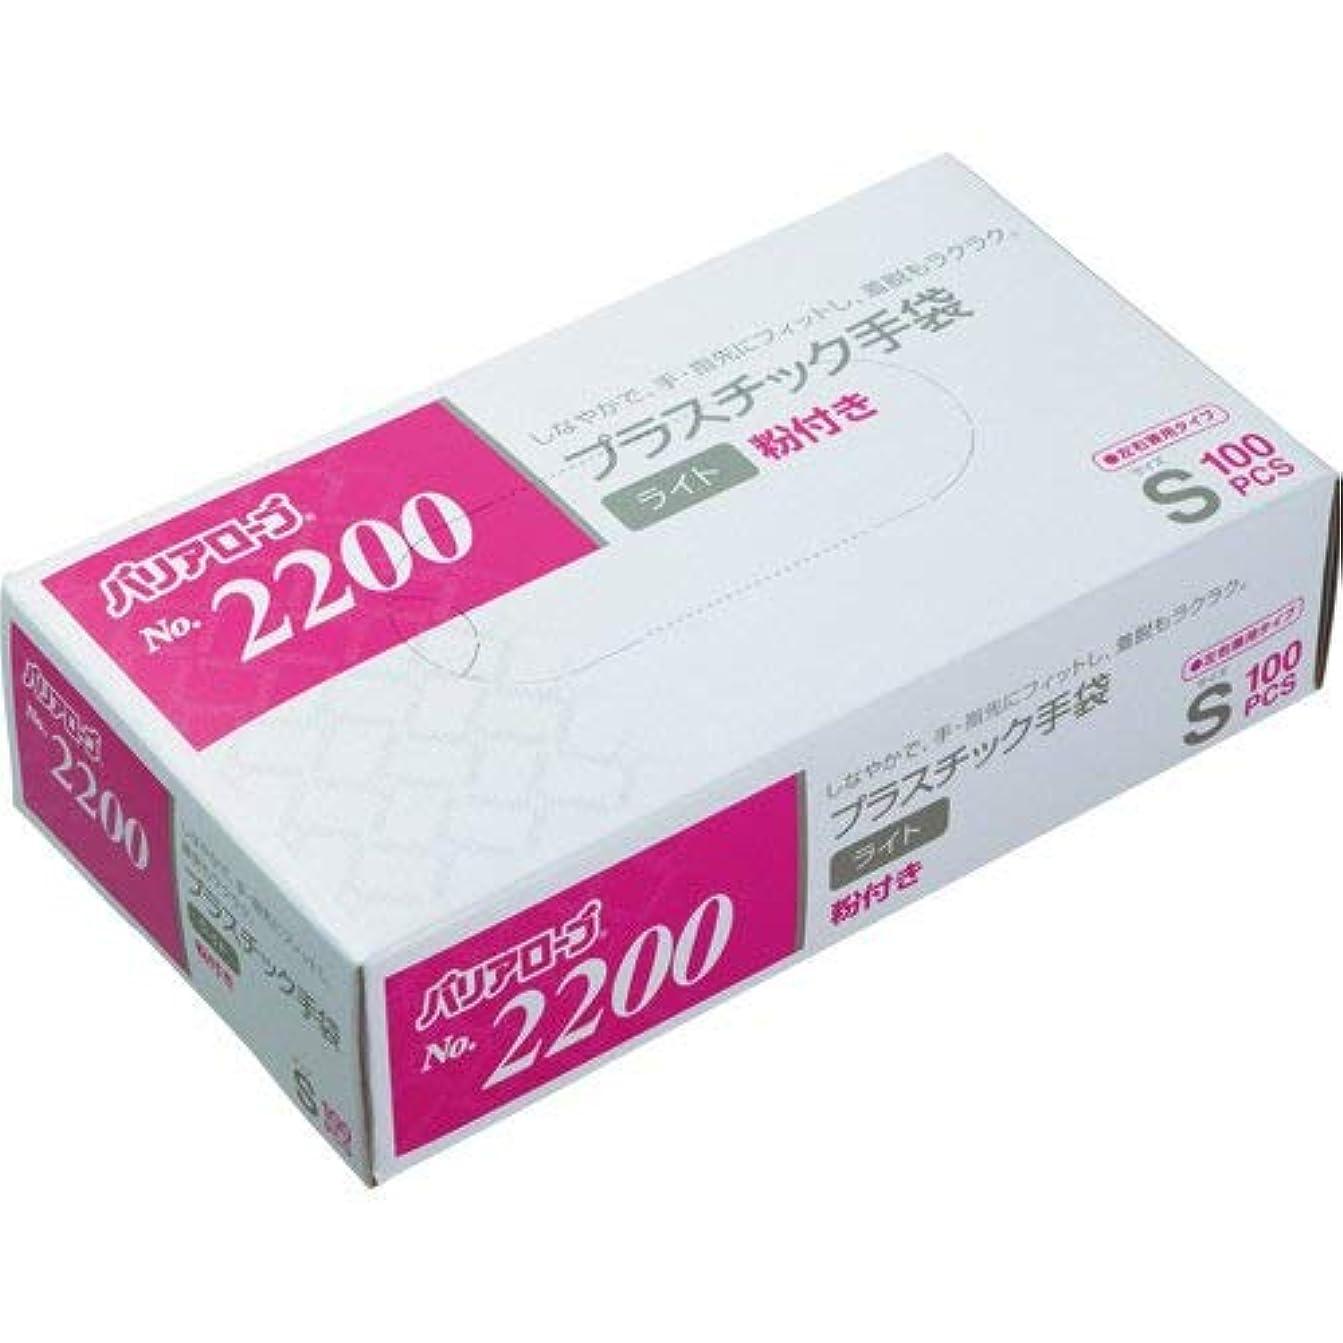 後世流星魔術【ケース販売】 バリアローブ №2200 プラスチック手袋 ライト (粉付き) S 2000枚(100枚×20箱)